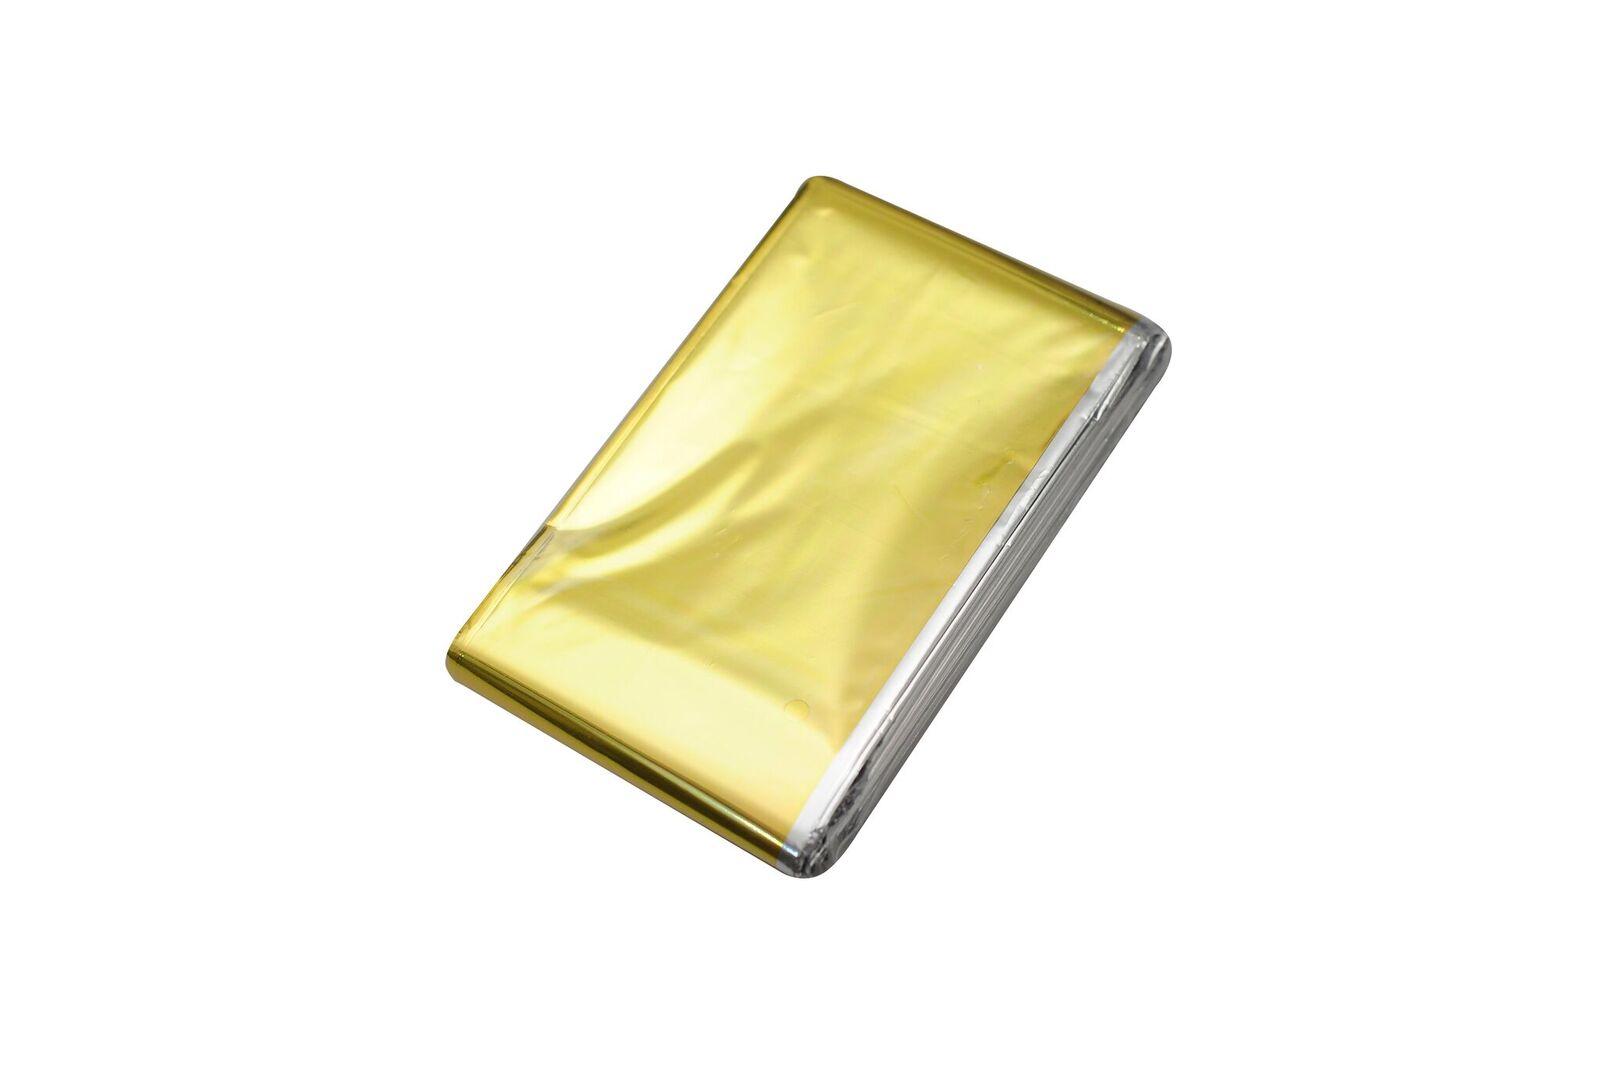 Rettungsdecke (1A) Gold / Silber 210 x 160 cm